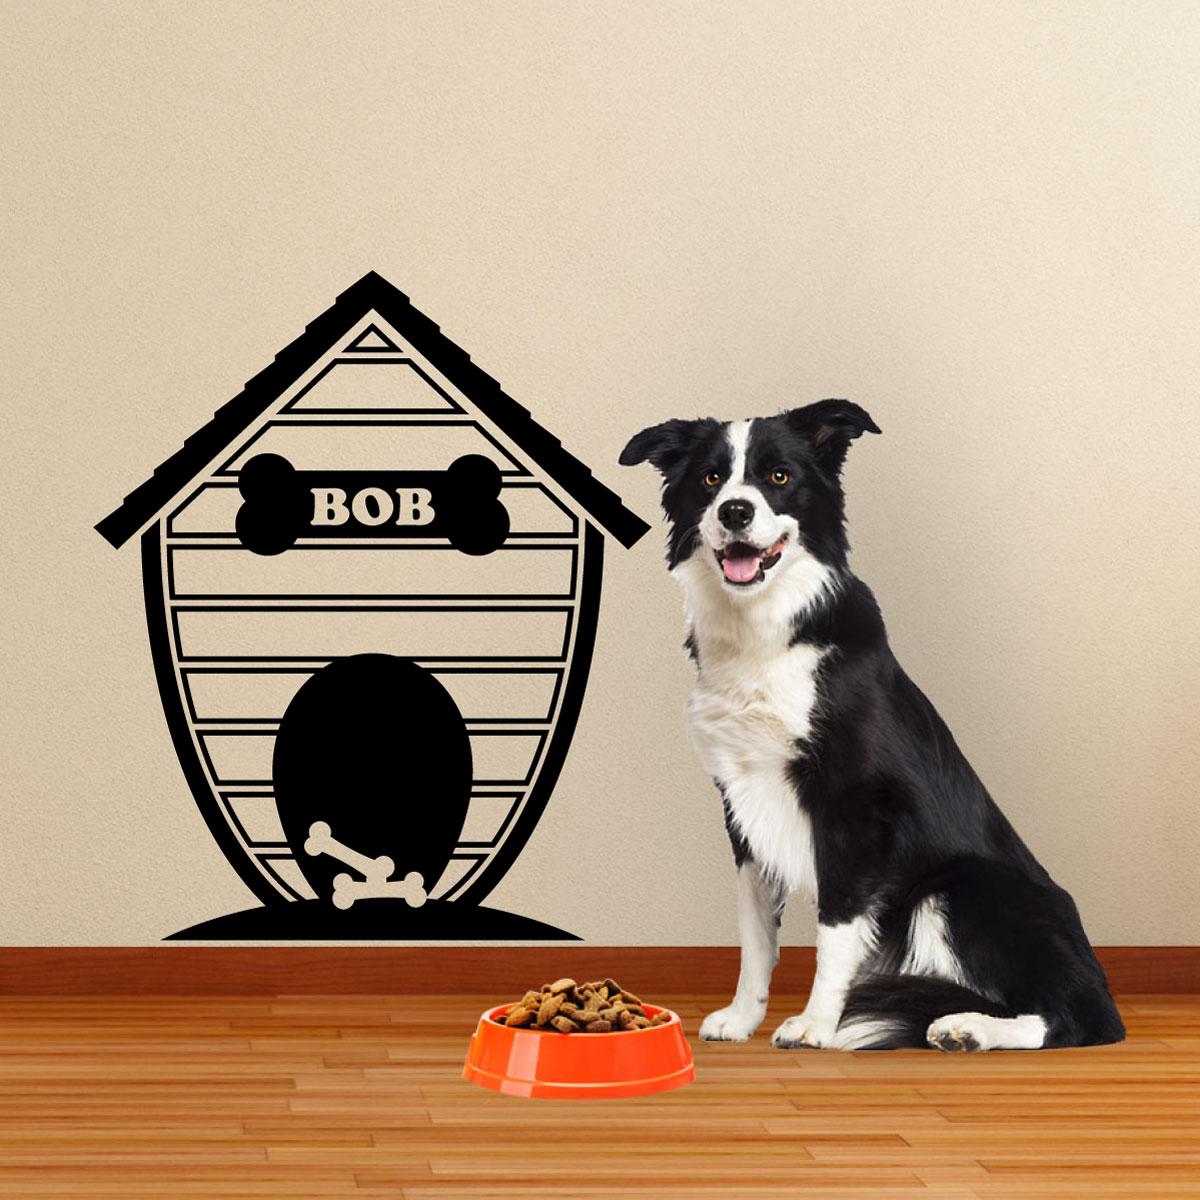 la maison de chien trendy pour chien et chat ainsi quuune cabine ddie passionn par les animaux. Black Bedroom Furniture Sets. Home Design Ideas